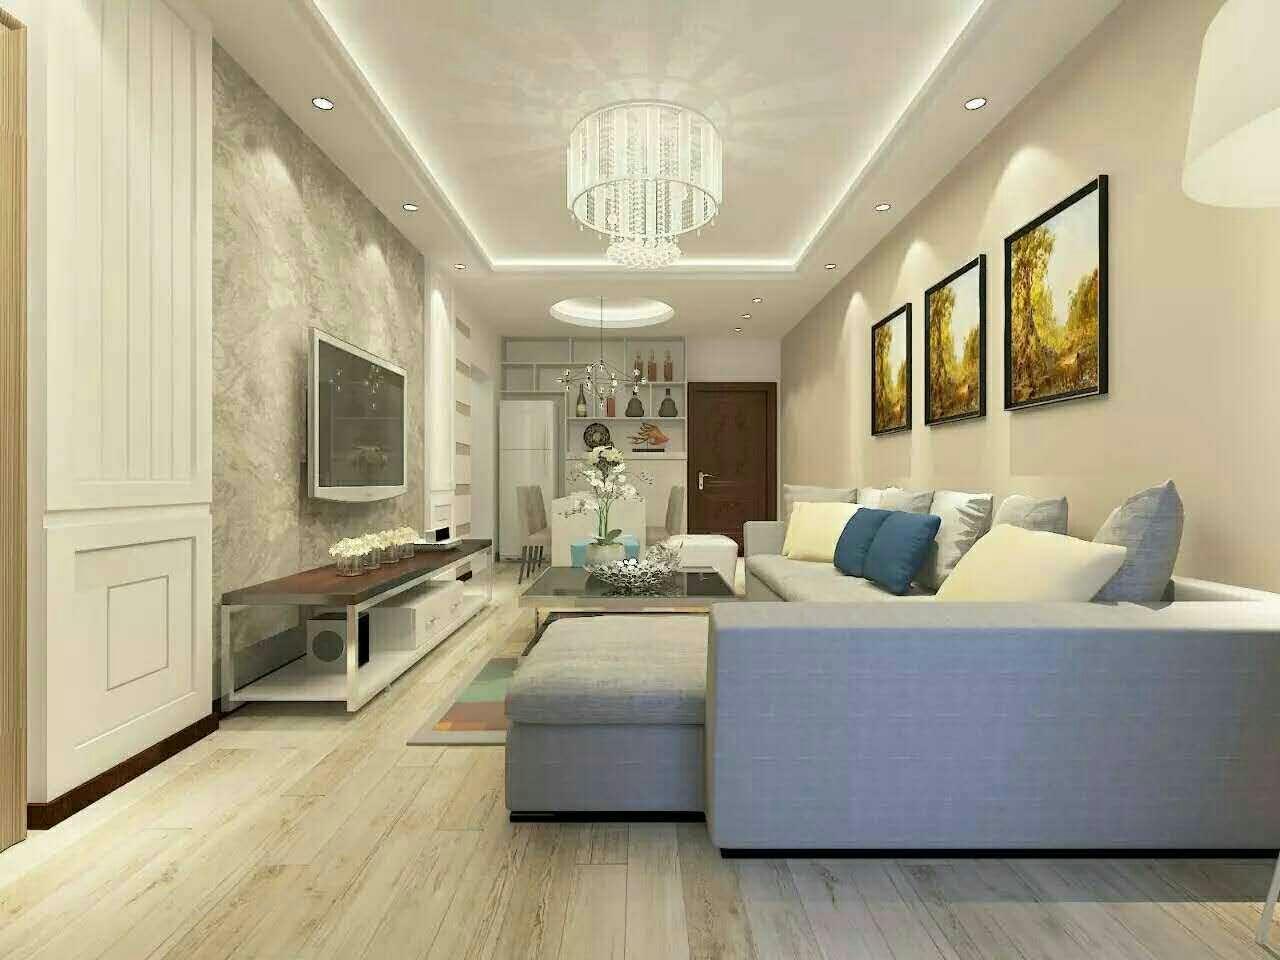 現代三居時尚客廳背景墻裝修效果圖